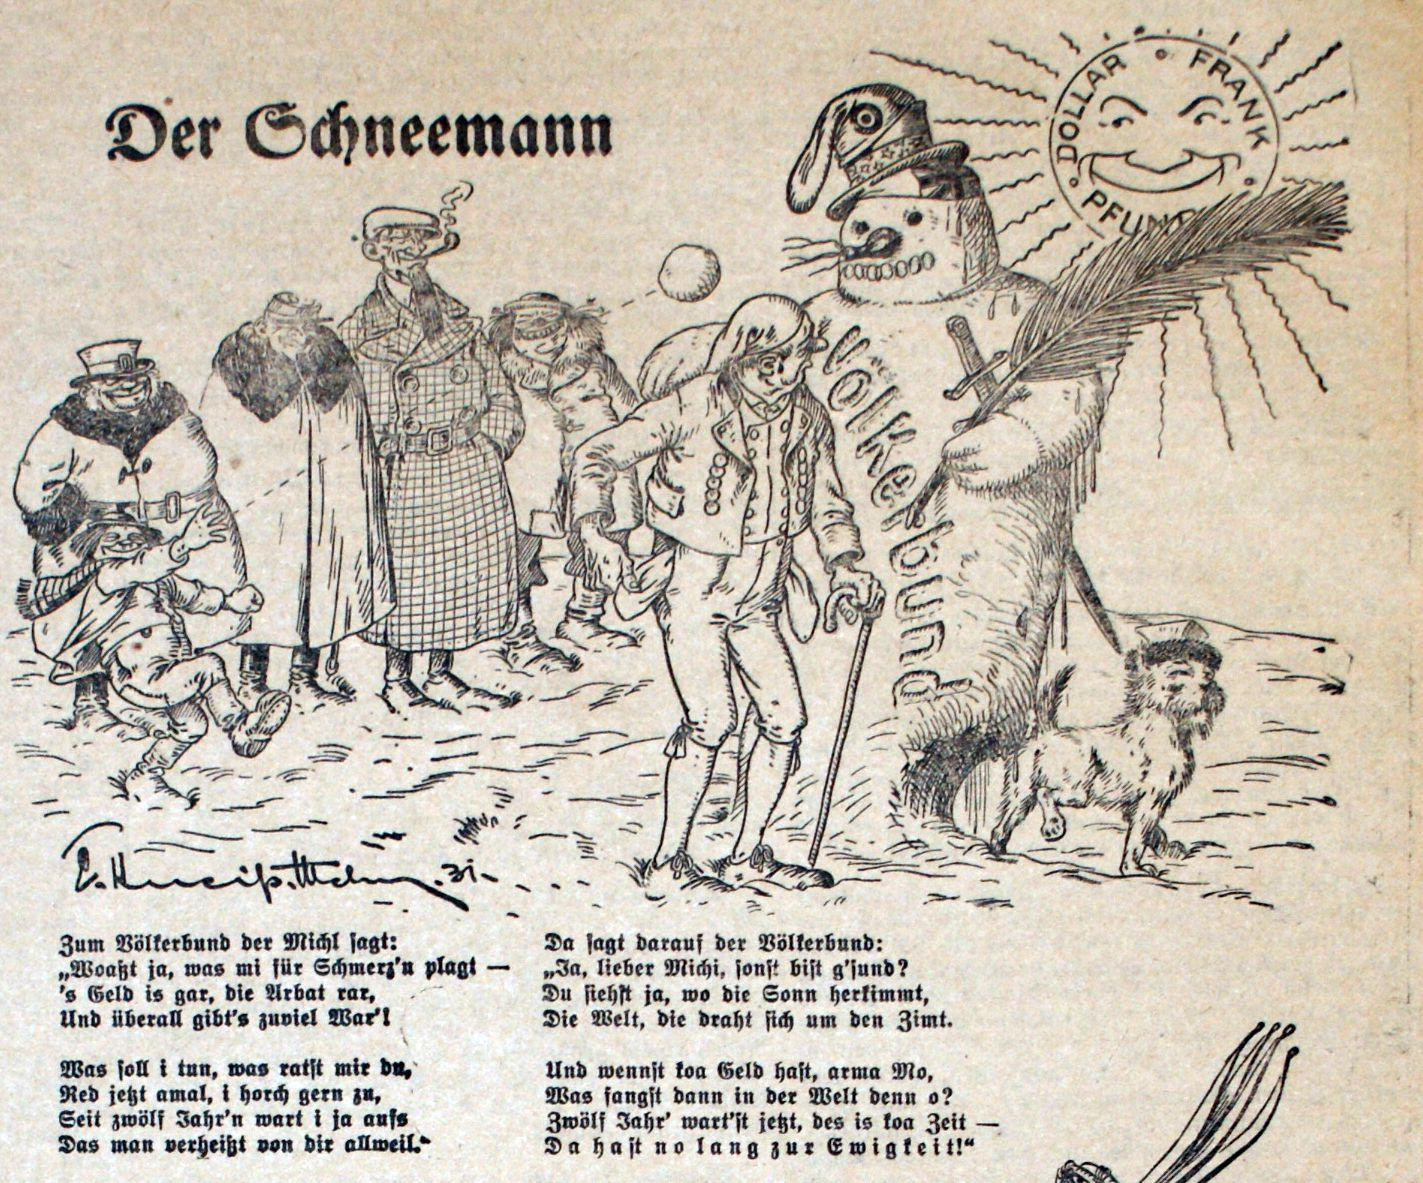 """Bild: Der Schneemann """"Völkerbund"""" schmilzt in der Sonne"""